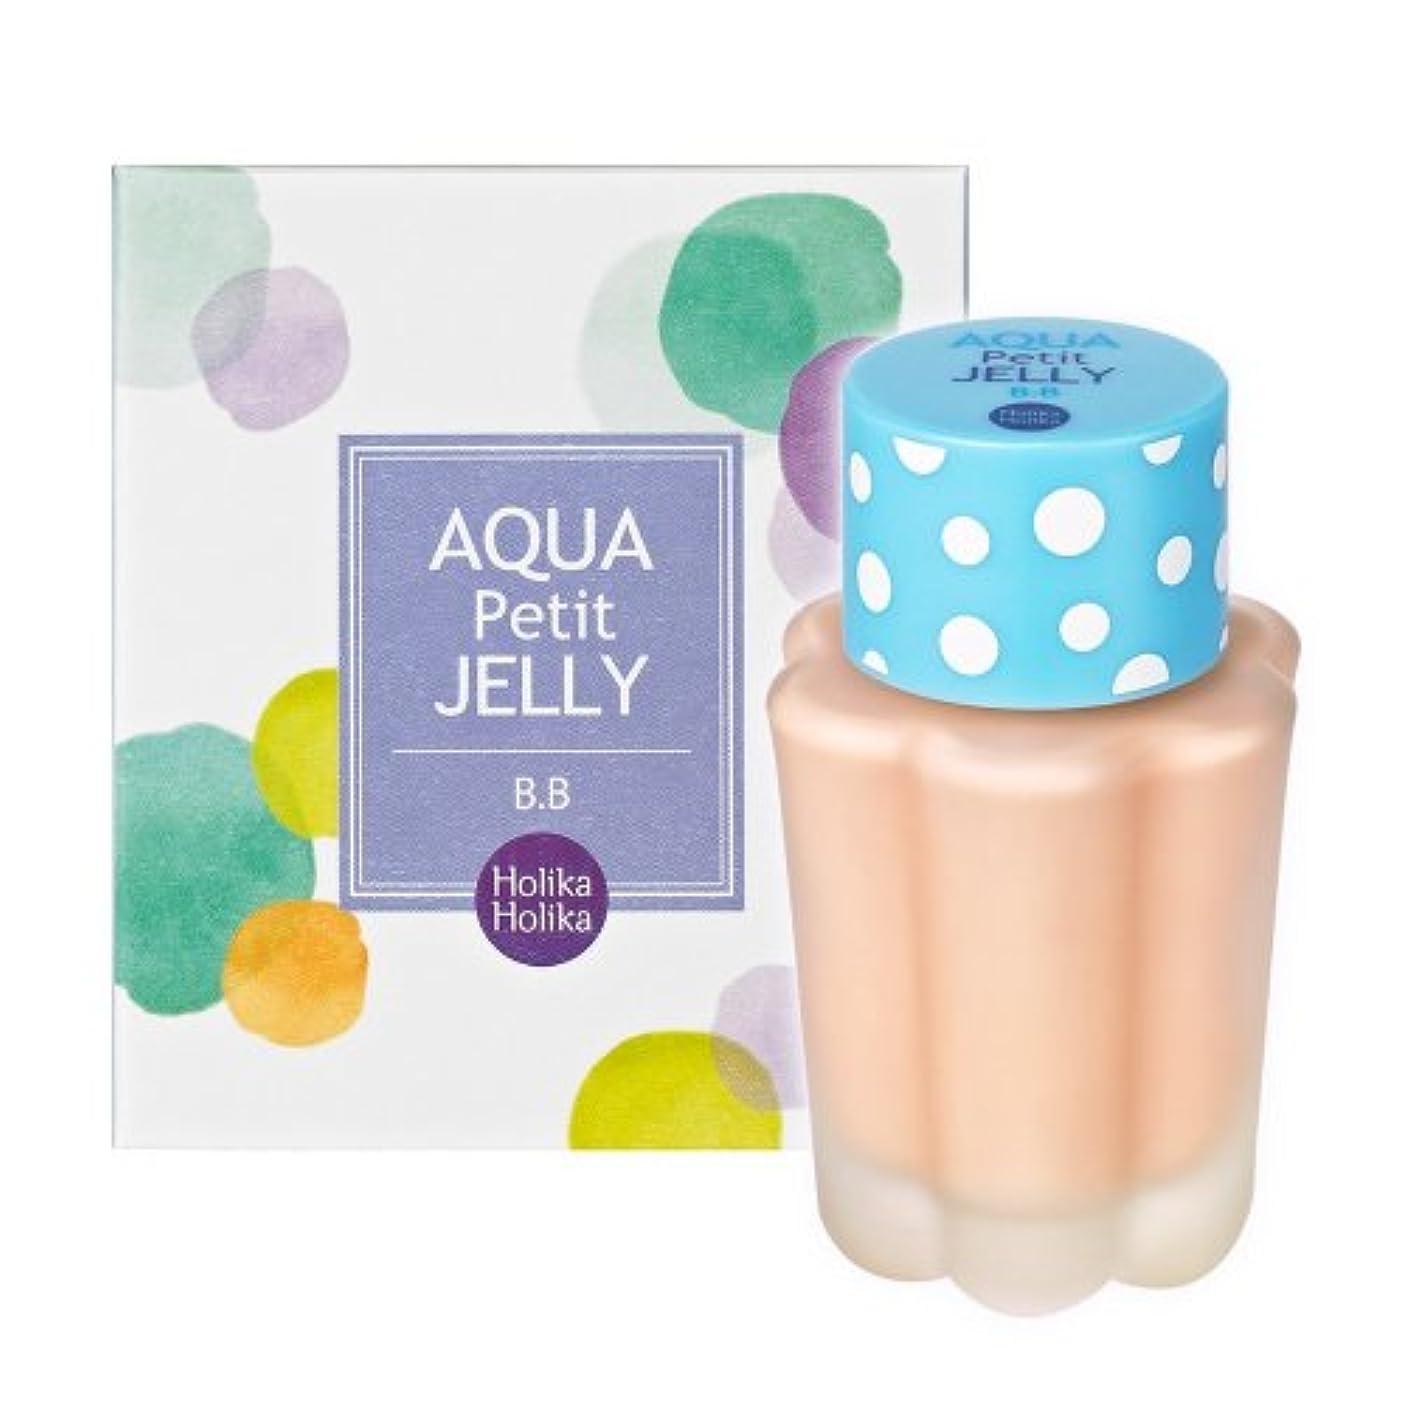 オールビタミンブランチHolika Holika ホリカホリカ アクア?プチ?ゼリー?ビービー?クリーム 40ml #2 (Aqua Petit jelly BB Cream) 海外直送品